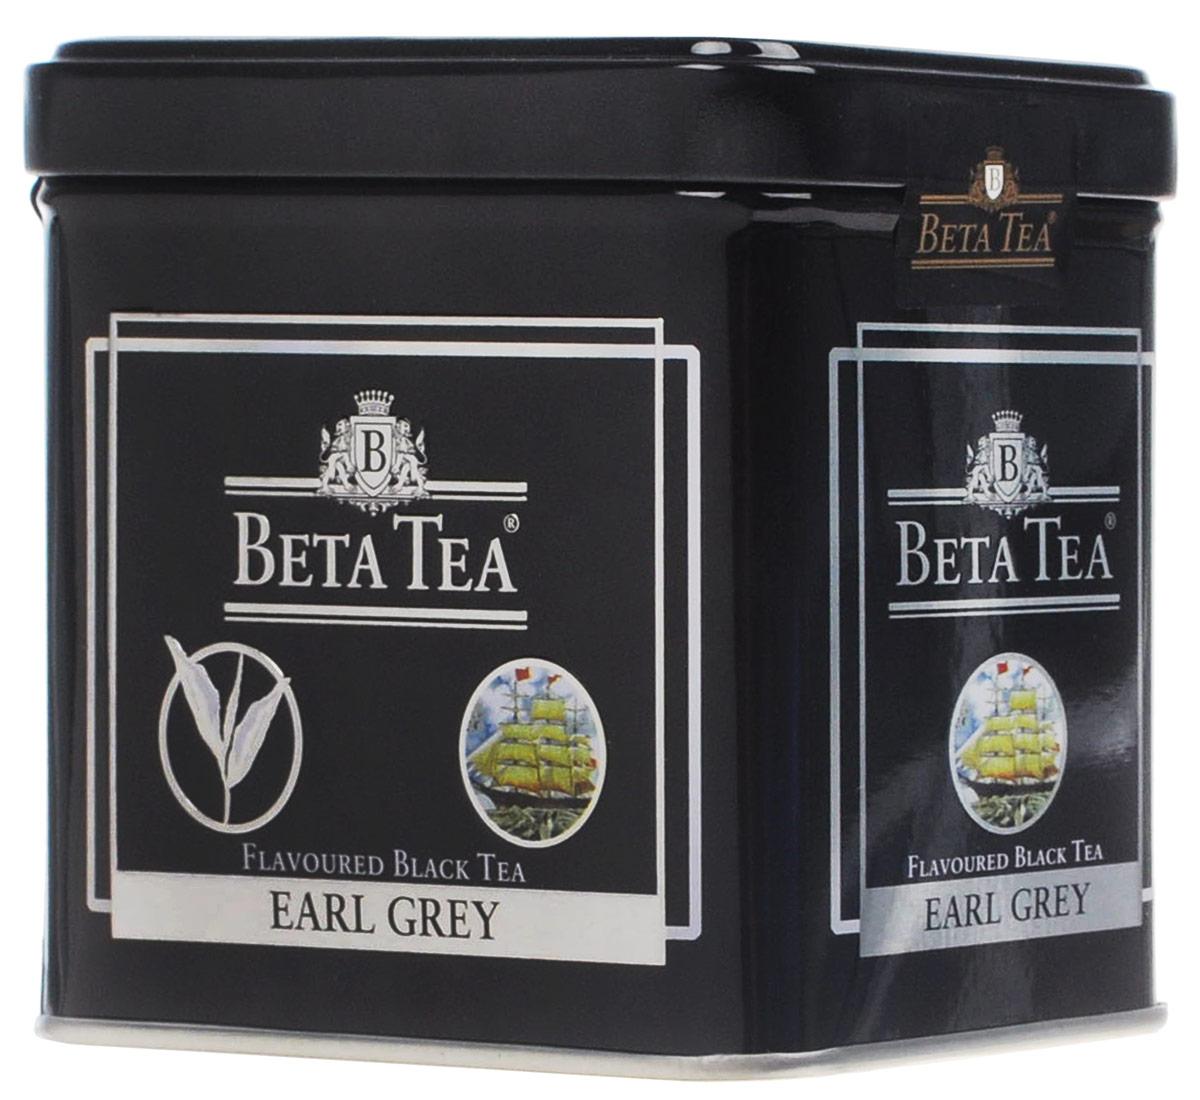 Beta Tea Earl Grey черный листовой чай, 100 г (жестяная банка)8690717004419Создатель этого чая - английский дипломат Чарльз Грей, который первым придумал его оригинальную рецептуру. Будучи в Китае, он смешал чай из районов Дарджелинг Кемун с бергамотом и получил новый неповторимый аромат. С тех пор этот напиток носит его имя и пользуется большой популярностью во всем мире.